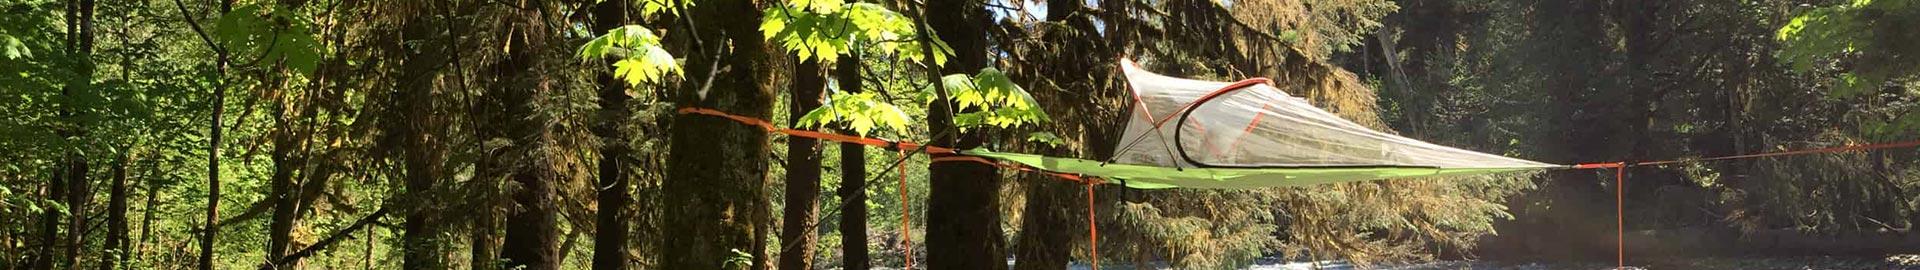 climb trees about climb trees